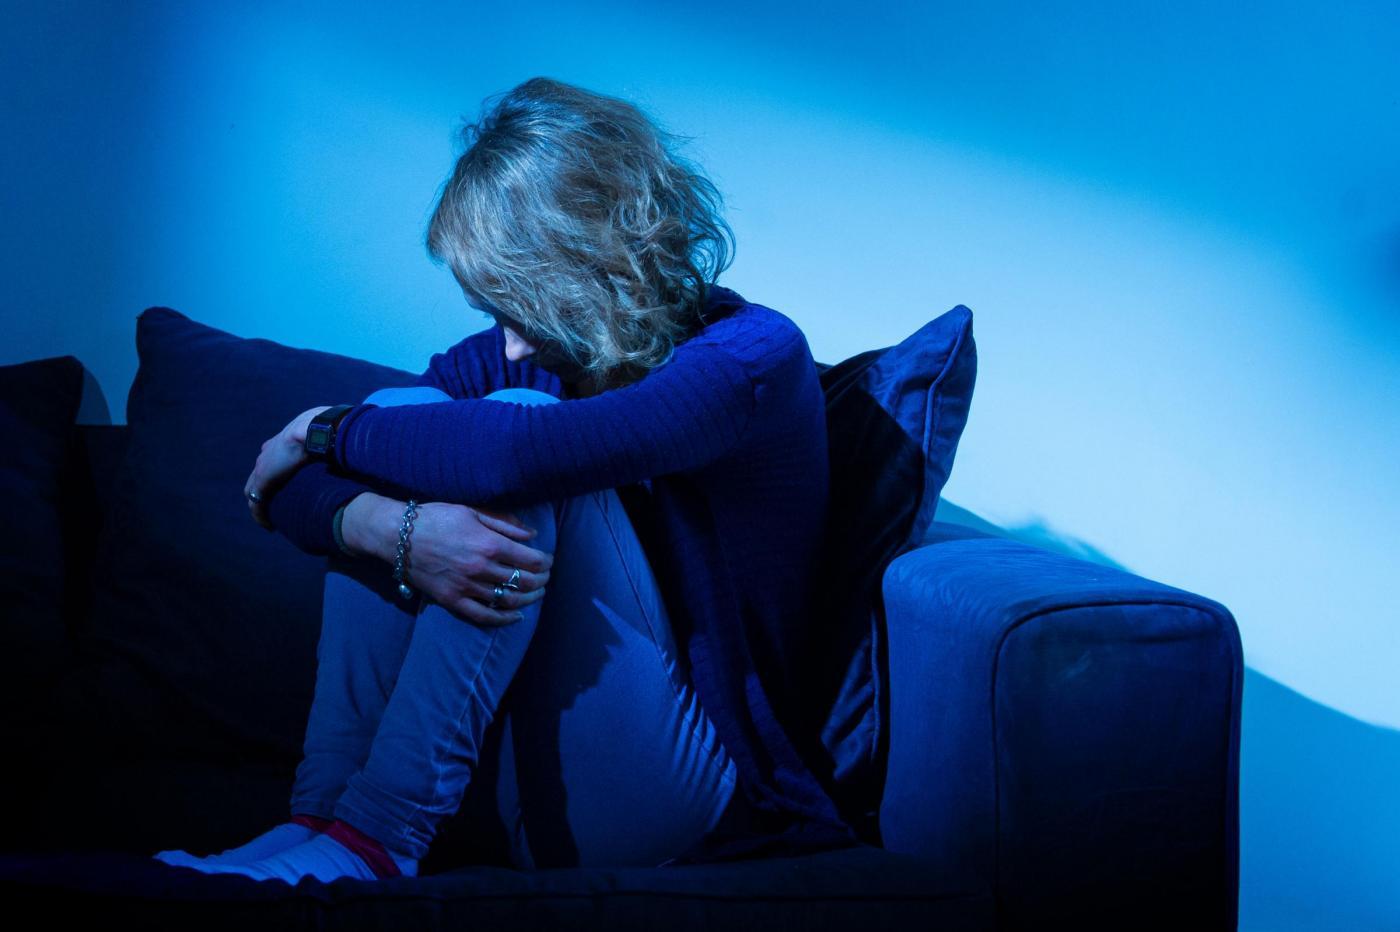 Depressione: sintomi fisici e mentali del male oscuro